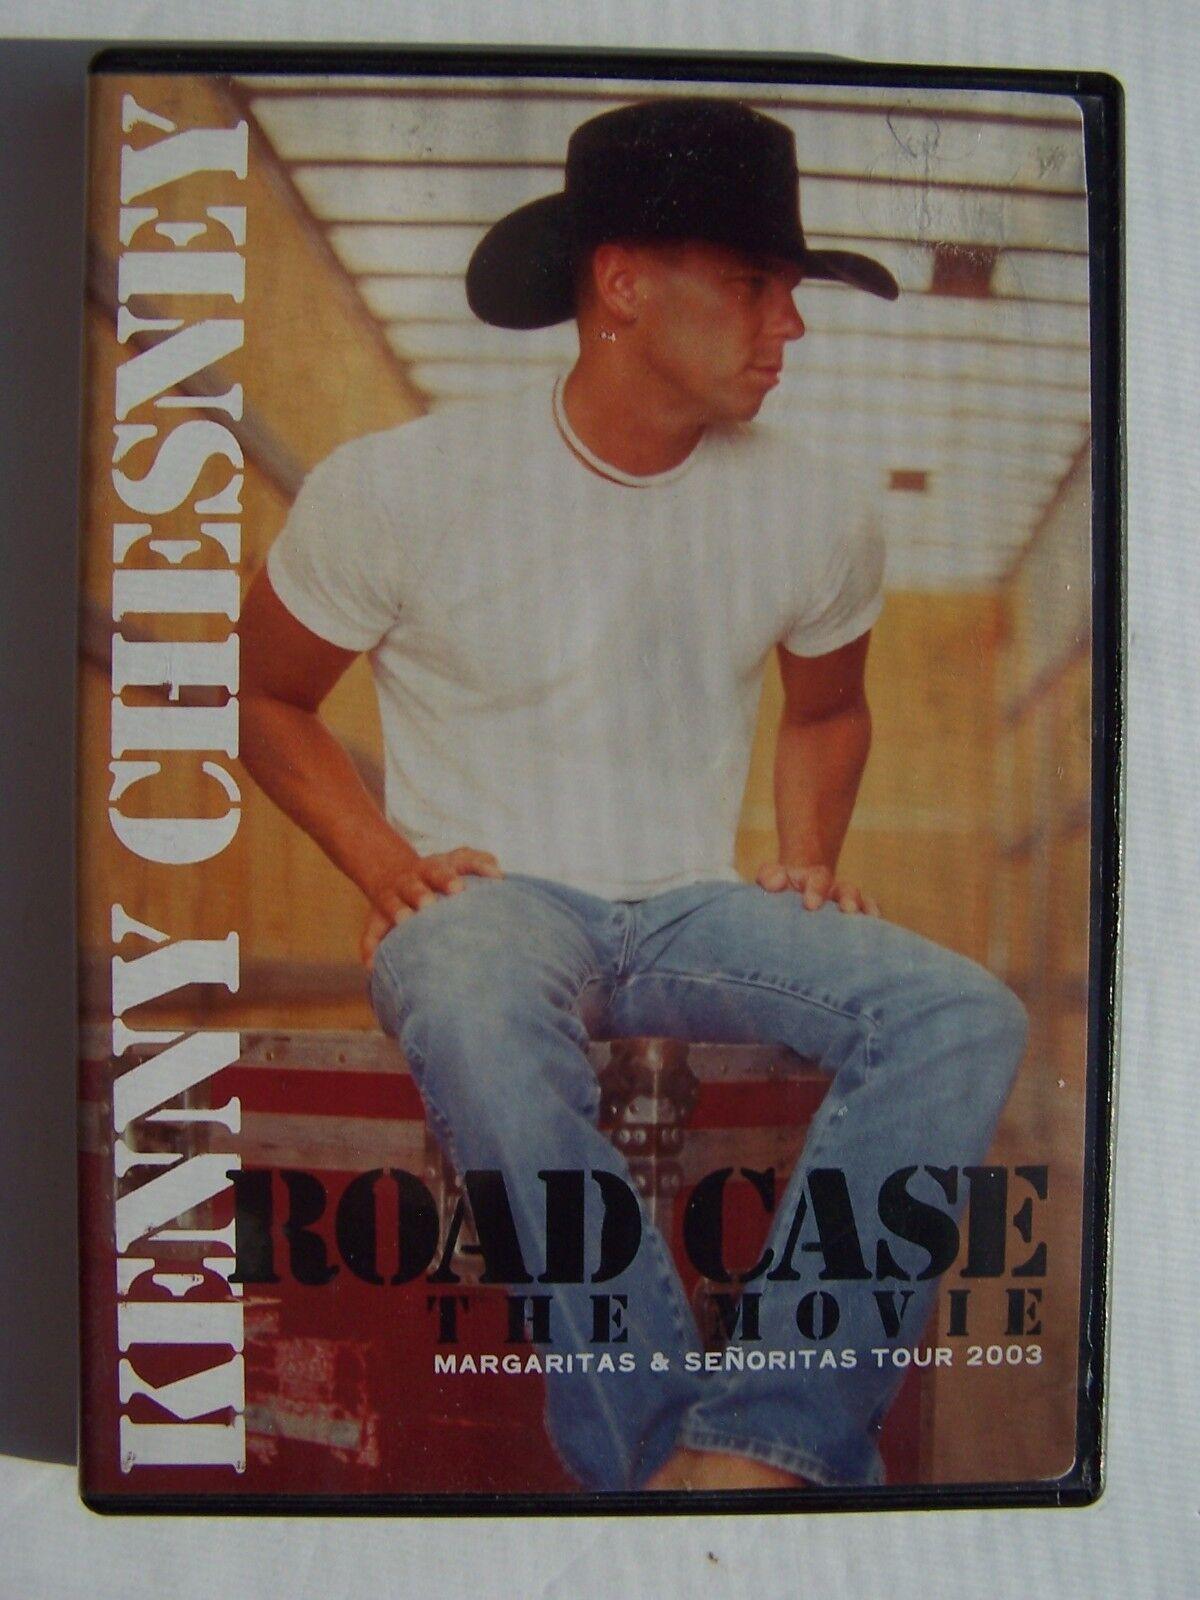 Kenny Chesney Road Case DVD 828765956796